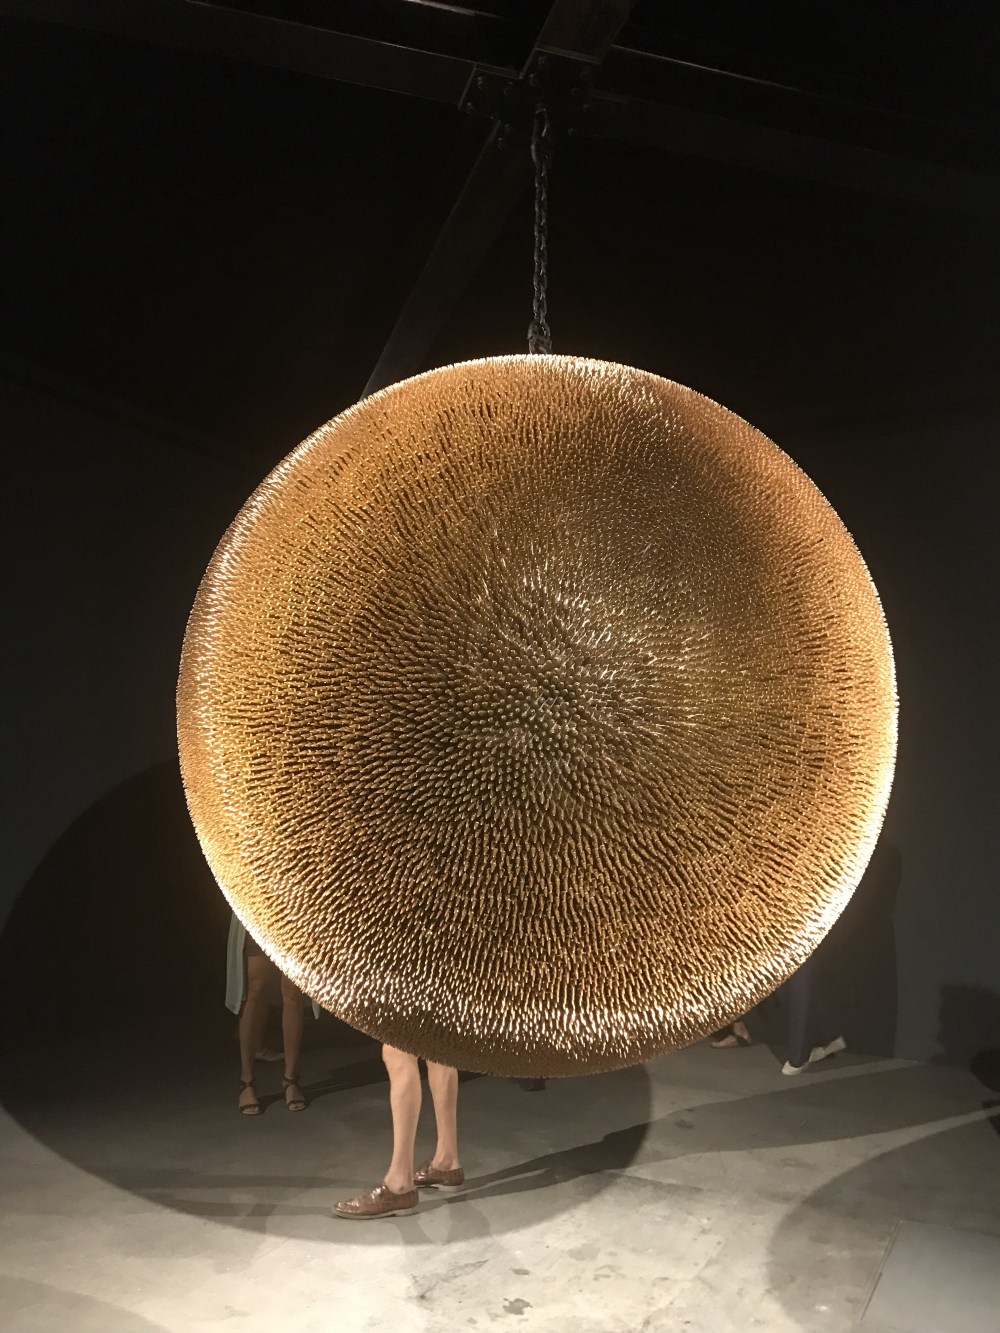 Esta obra exposta na Art Basel é uma esfera toda composta por balas